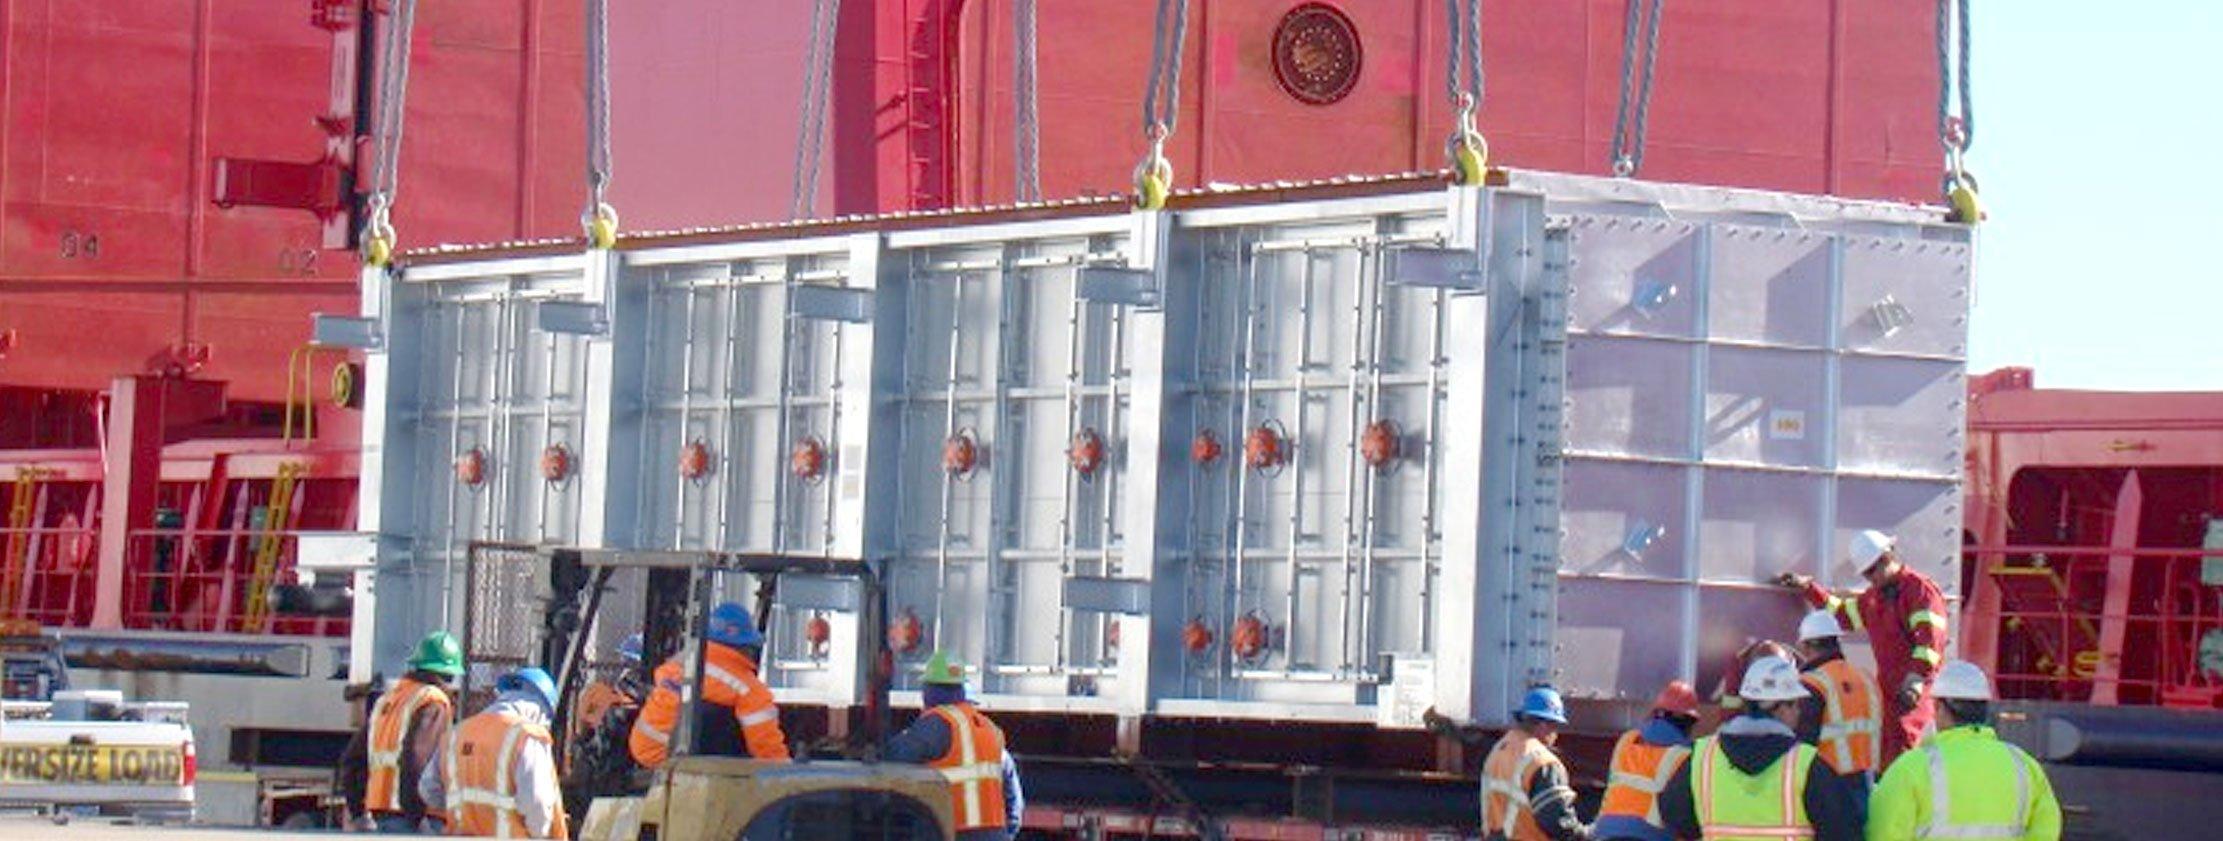 breakbulk port tranport